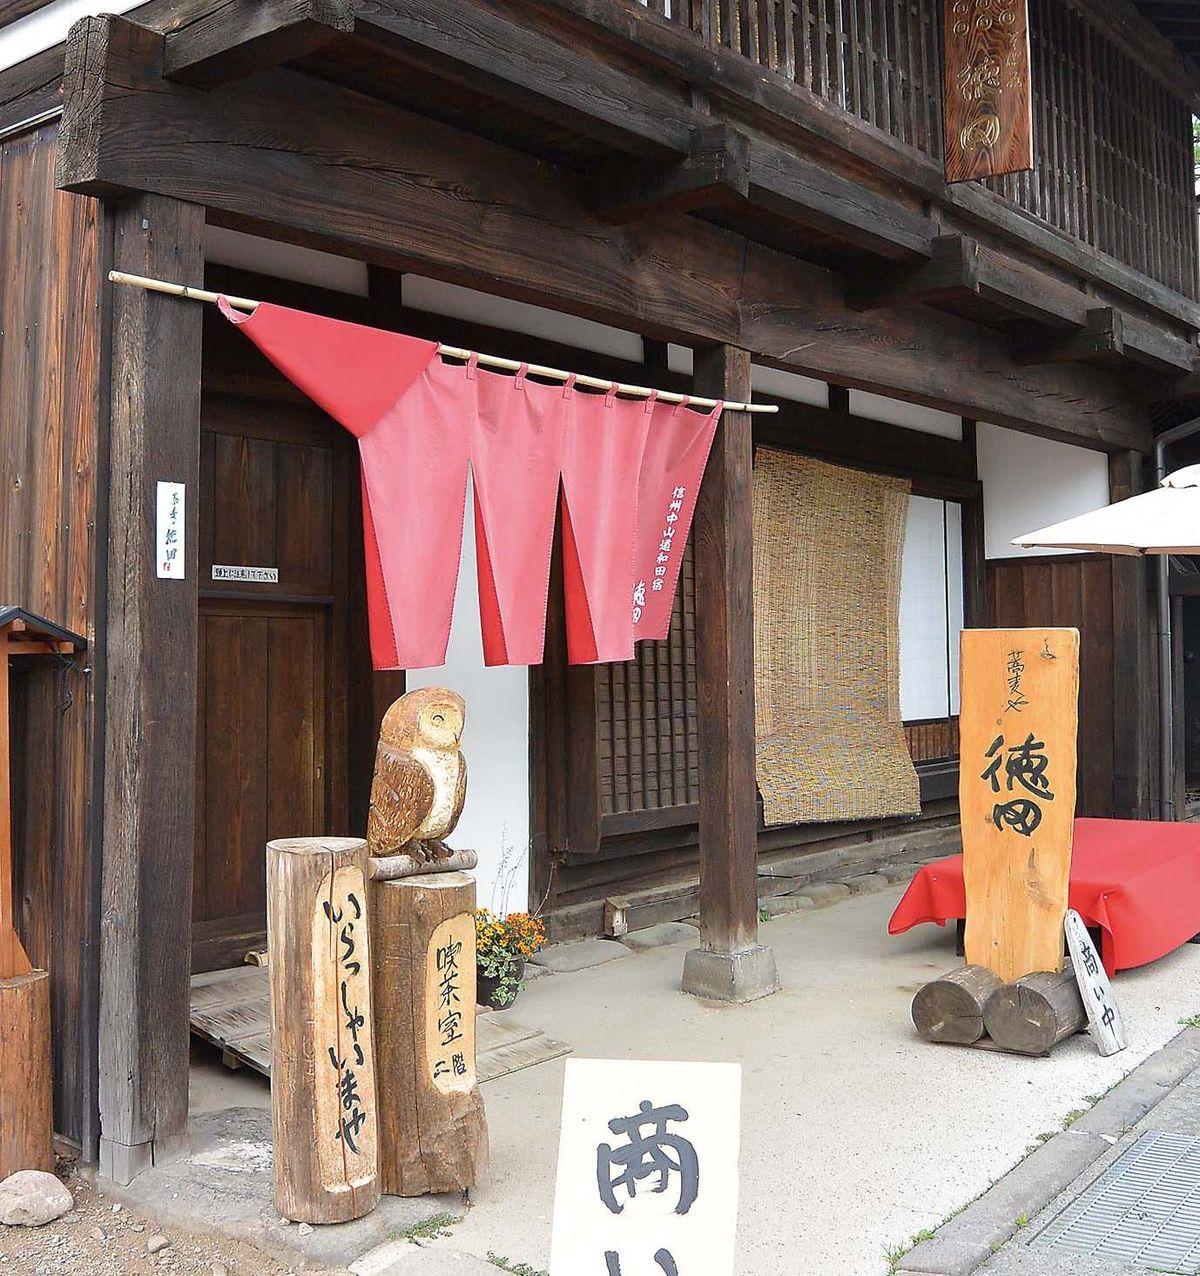 038-047kougen-tsuriba_cs6 (37)